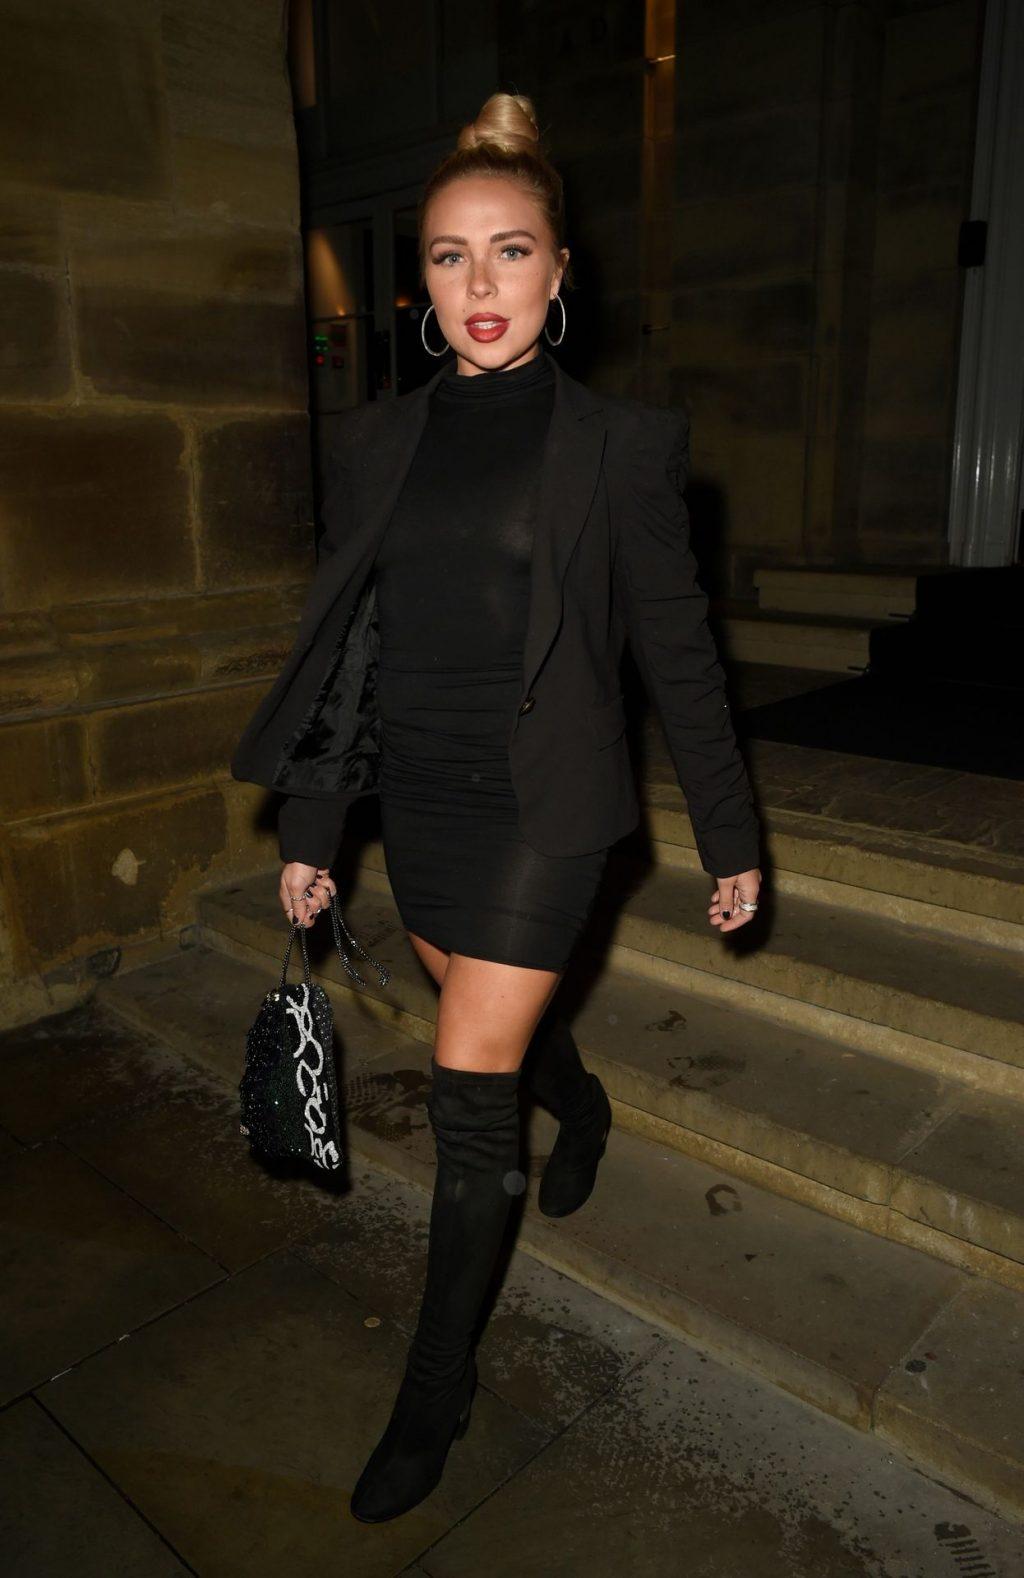 Gabby Allen Pictured Braless in Manchester (26 Photos)